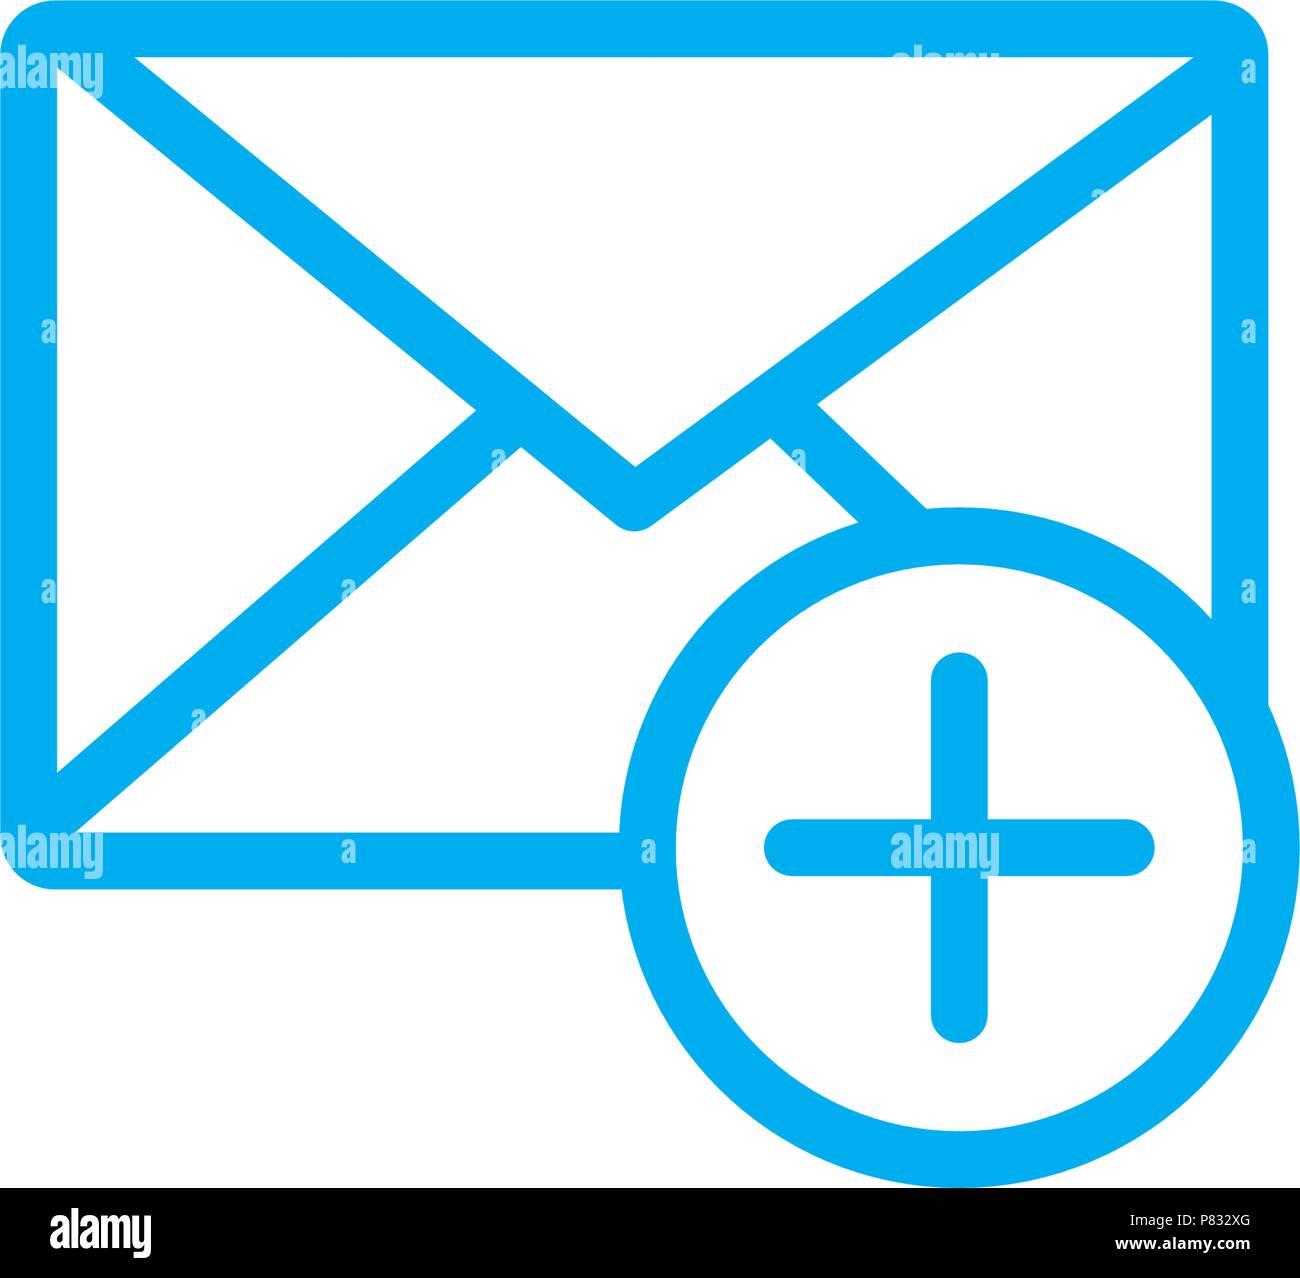 Inbox Icon Imágenes De Stock & Inbox Icon Fotos De Stock - Alamy